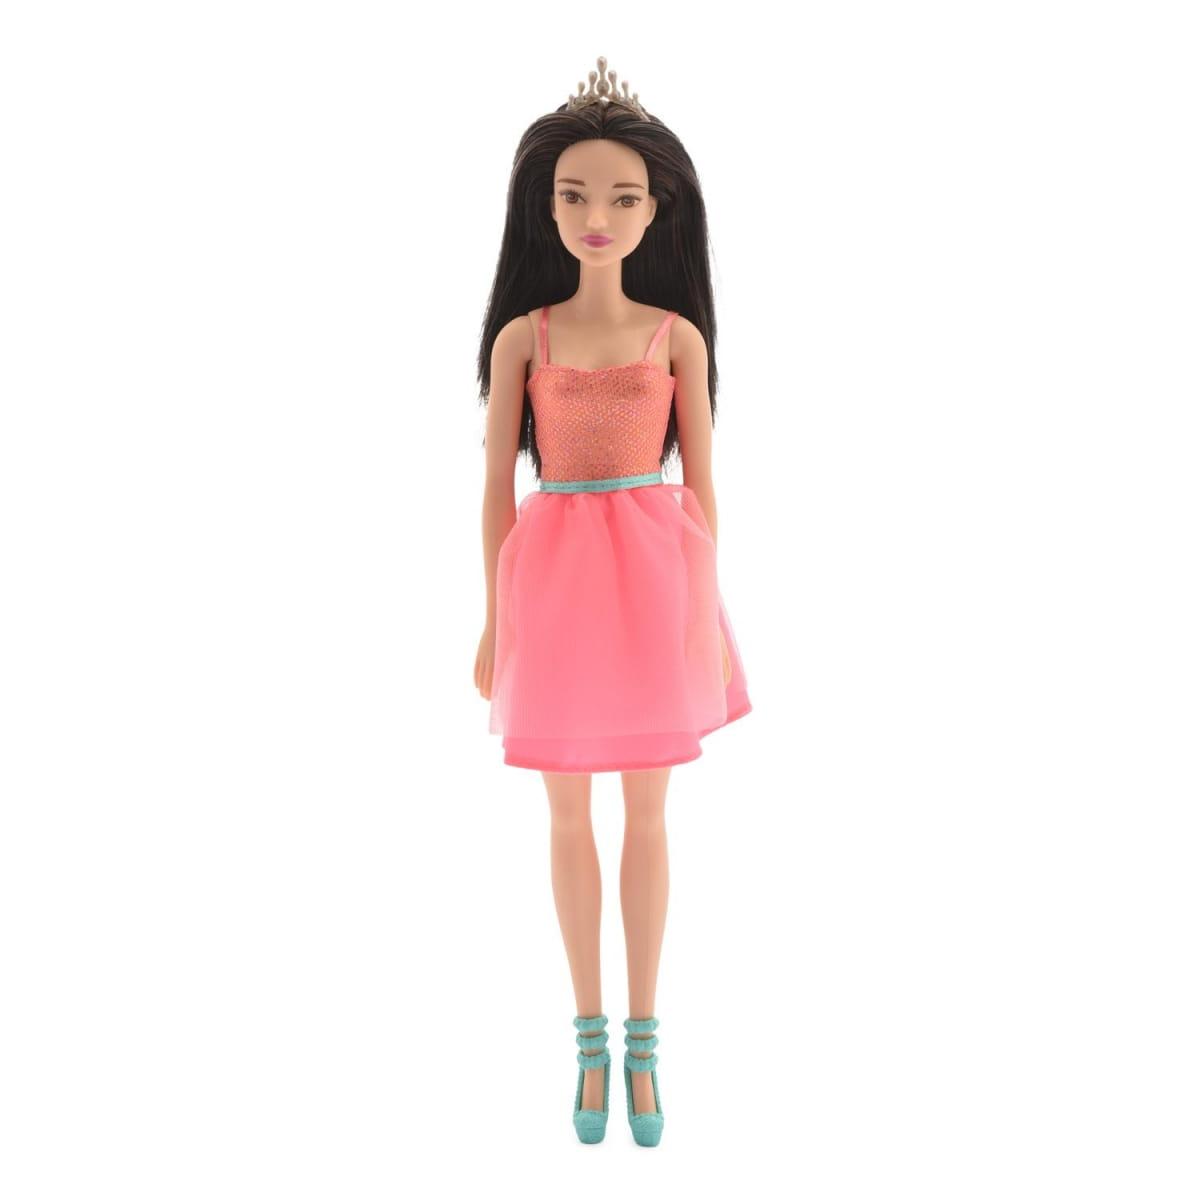 Кукла BARBIE Сияние моды - Кукла в розовом платье (Mattel)